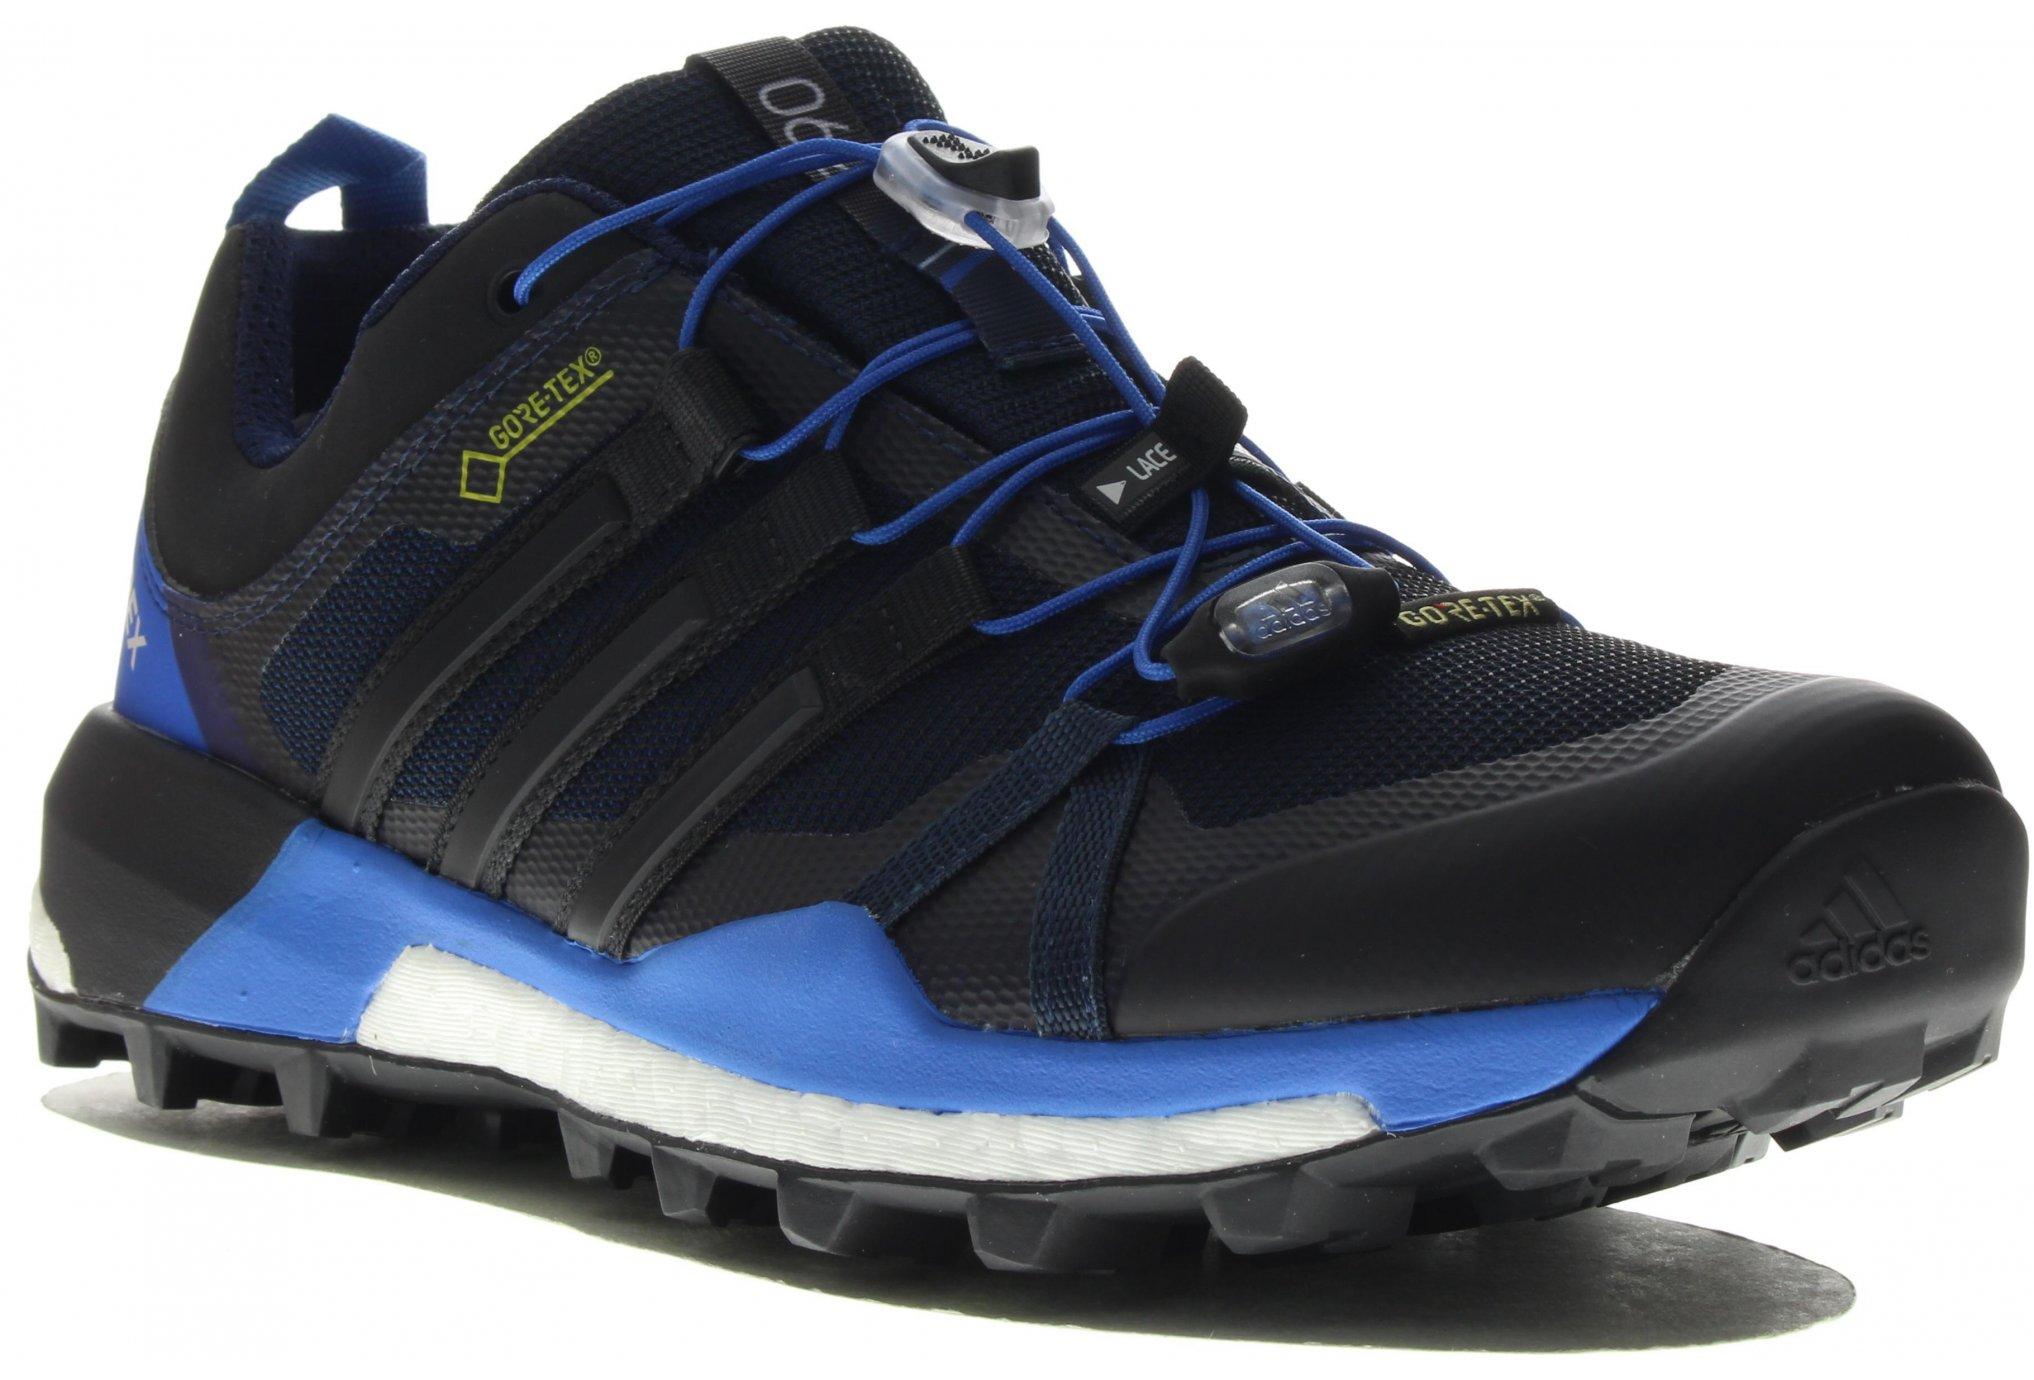 Adidas Terrex skychaser gore-Tex m chaussures homme